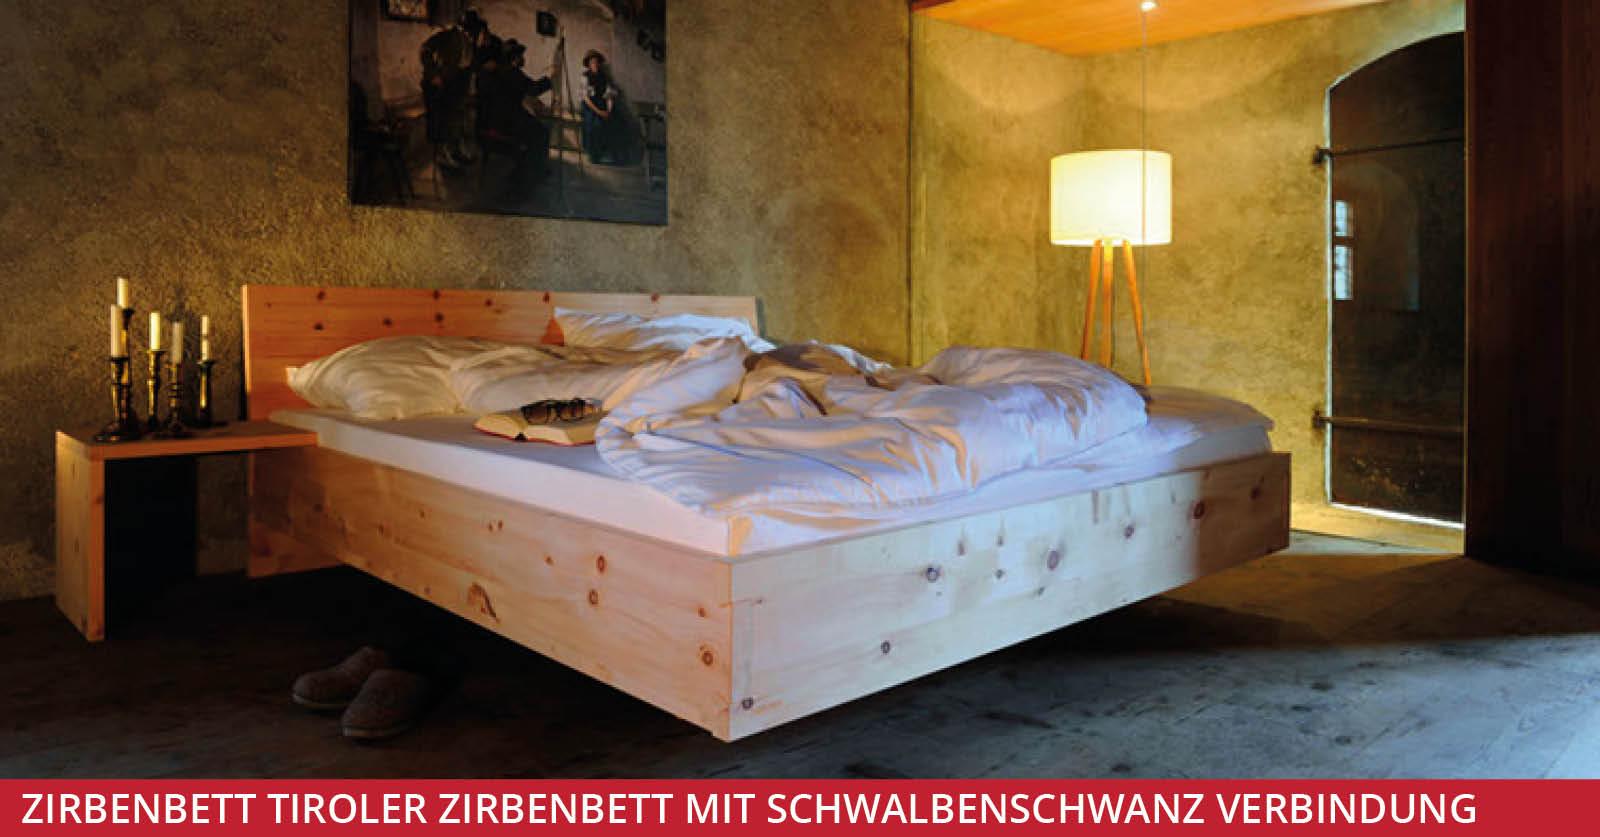 tiroler-zirbenbett-schwalbenschwanz